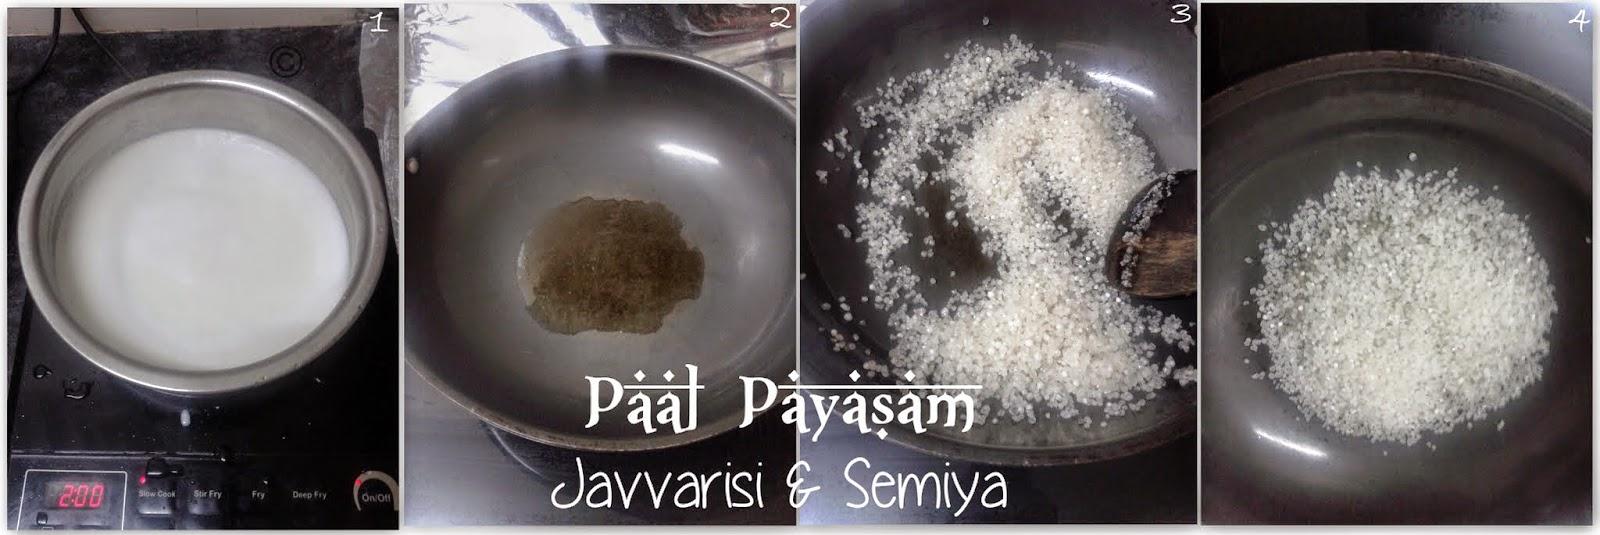 paal-payasam